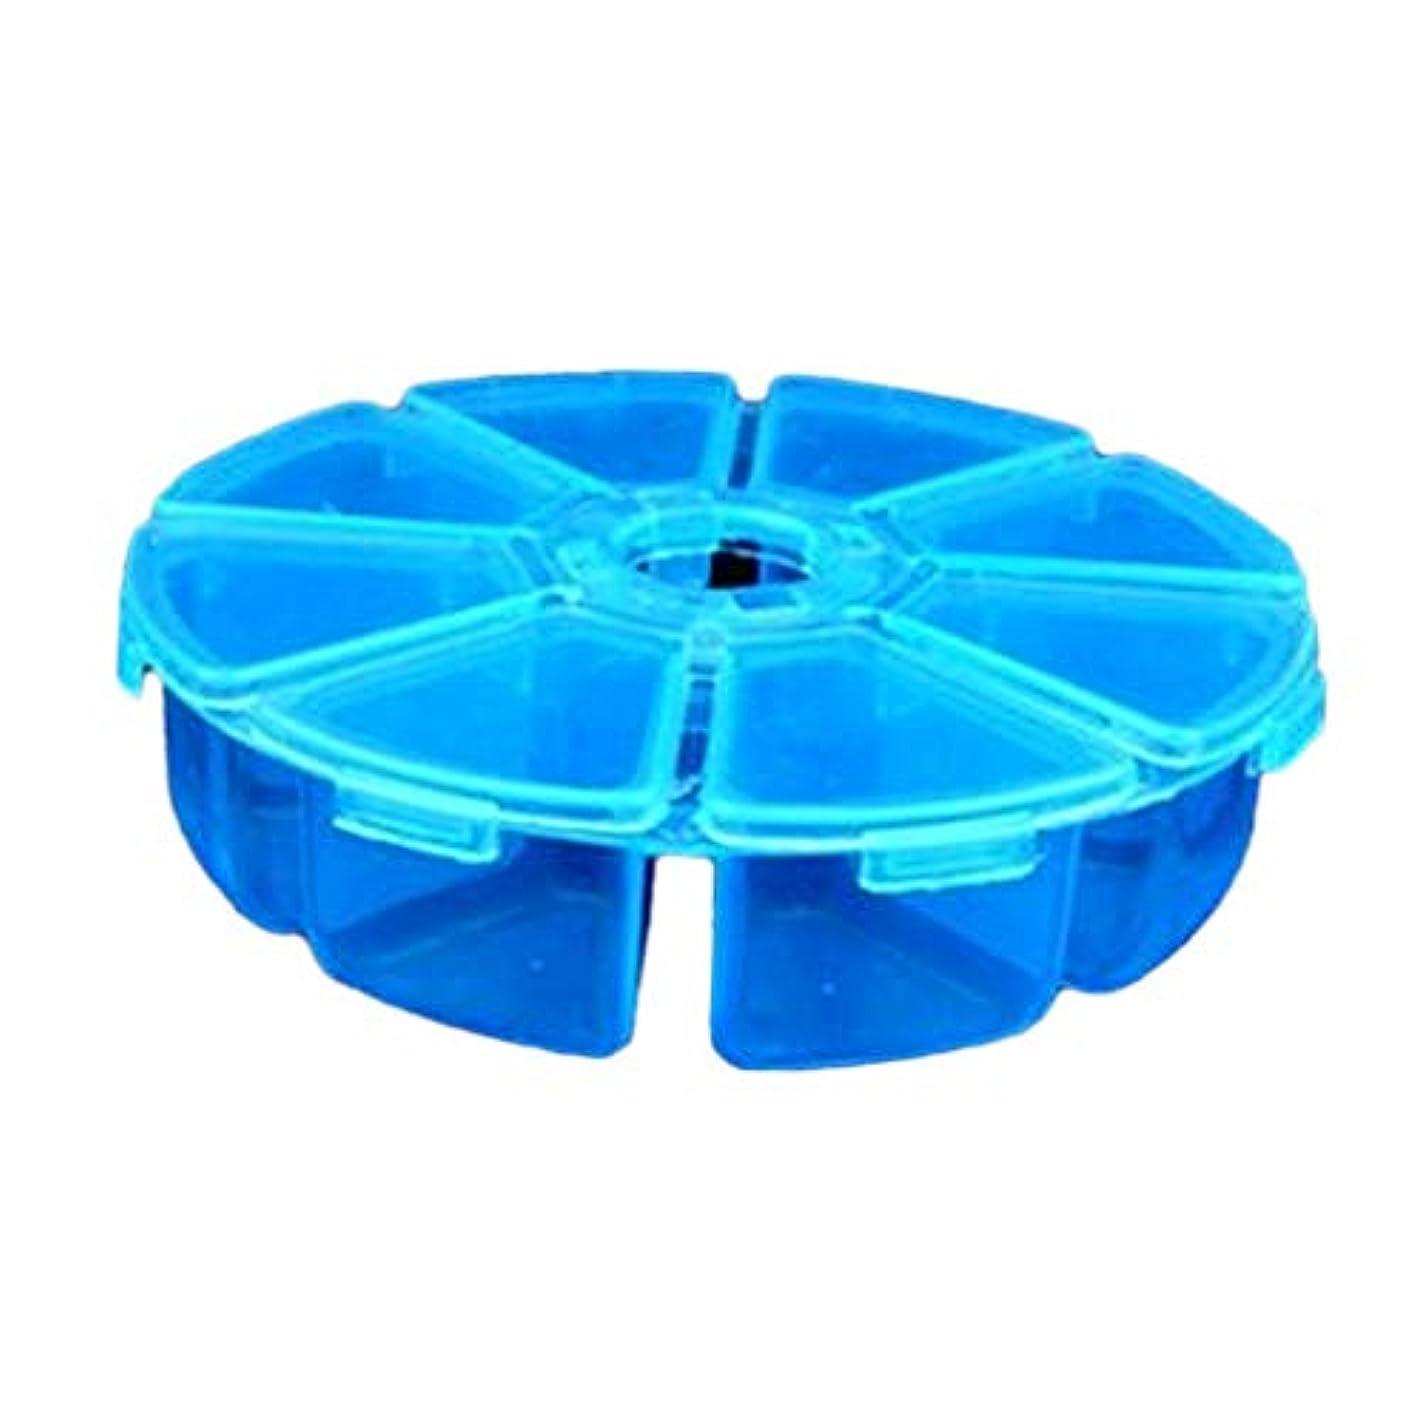 餌操縦する伝統的DYNWAVE ネイルアート オーガナイザー 収納 ボックス 8コンパートメント 仕切り プラスチック 全4色 - ブルー